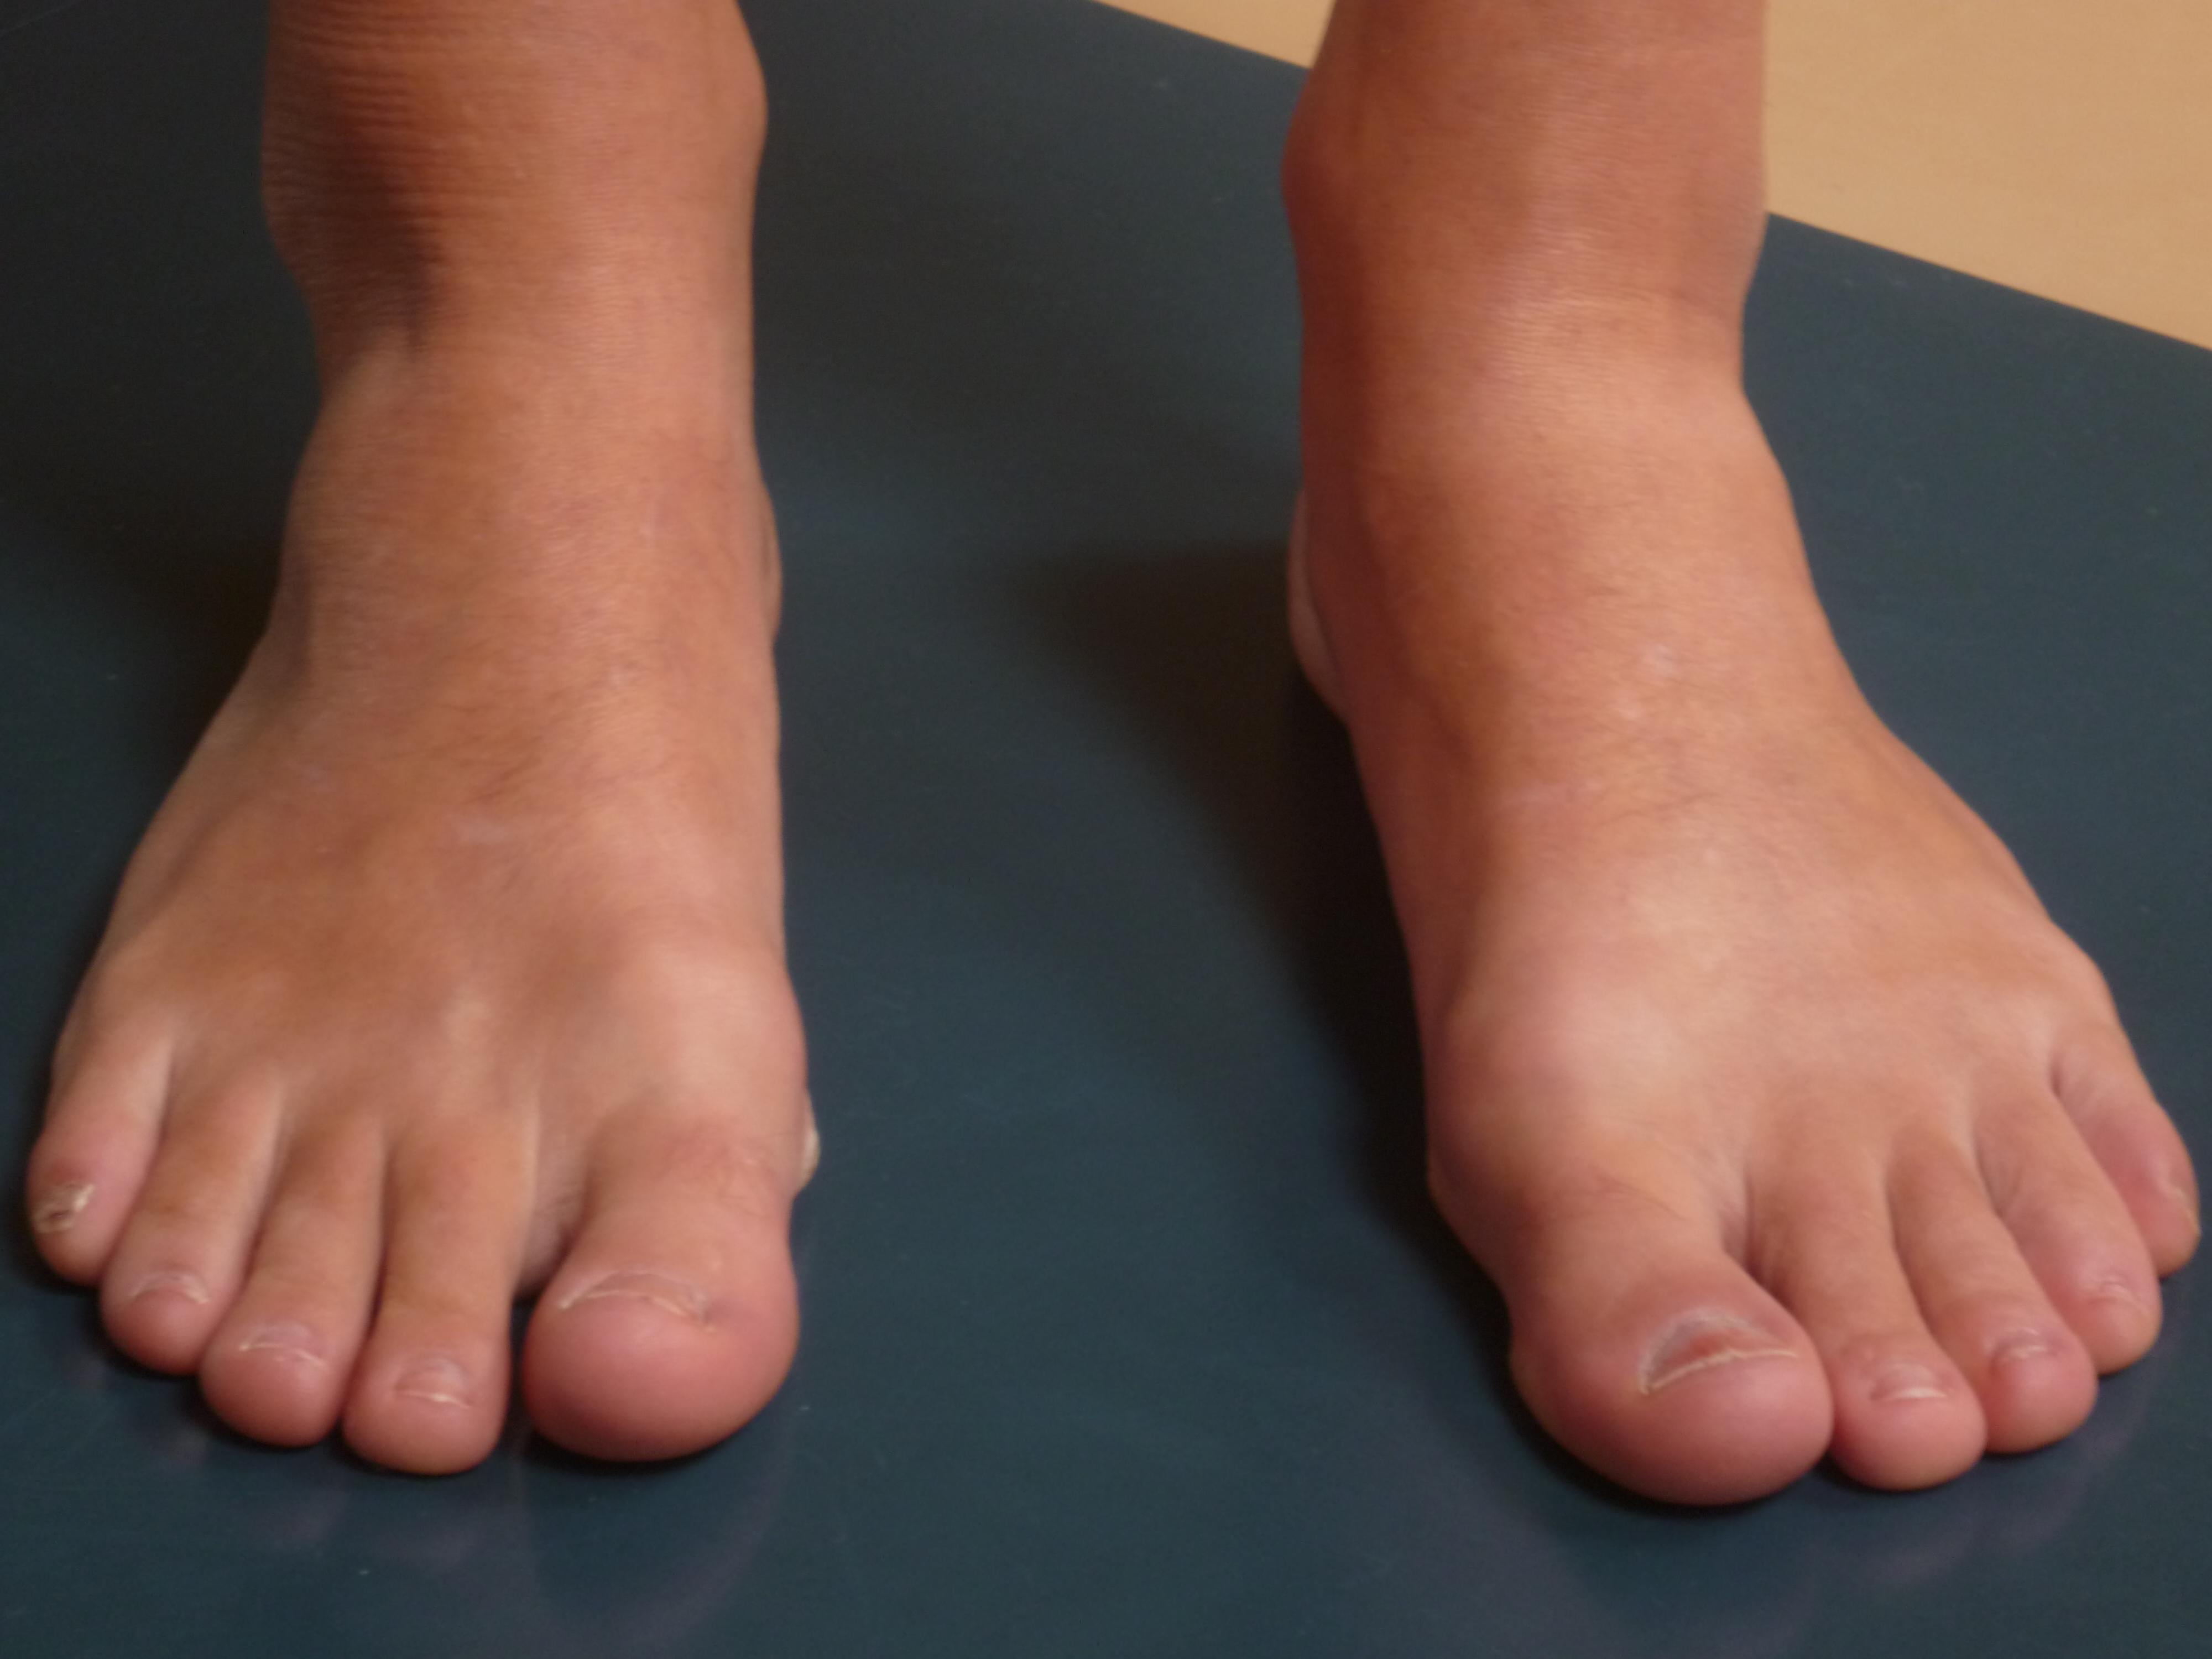 gezwollen enkels en voeten